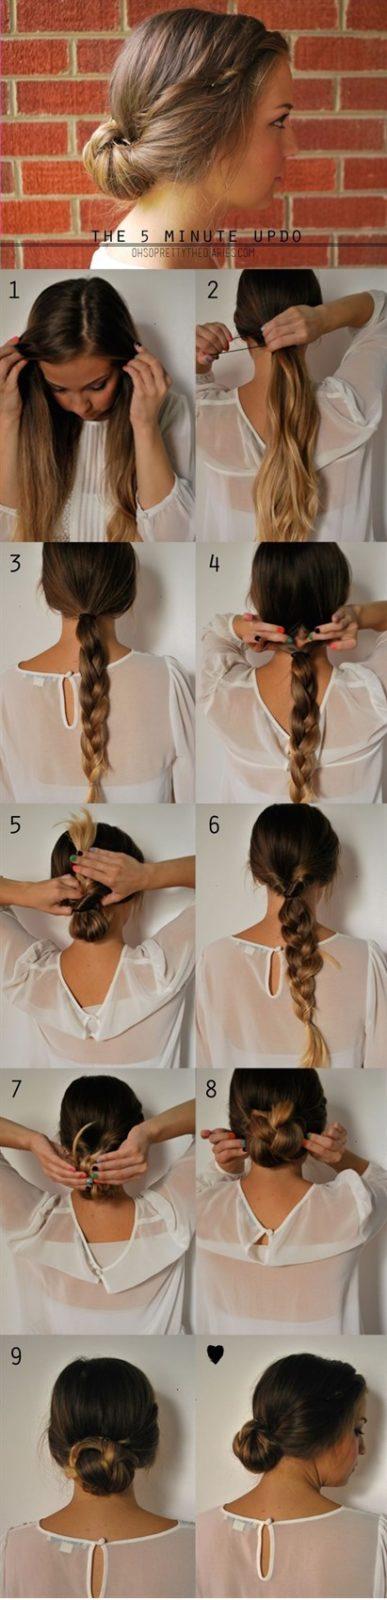 Прически на длинные волосы: деловой стиль